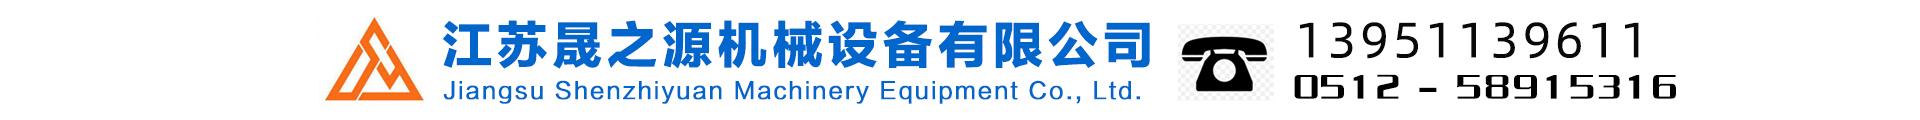 江蘇晟之源機械設備有限公司